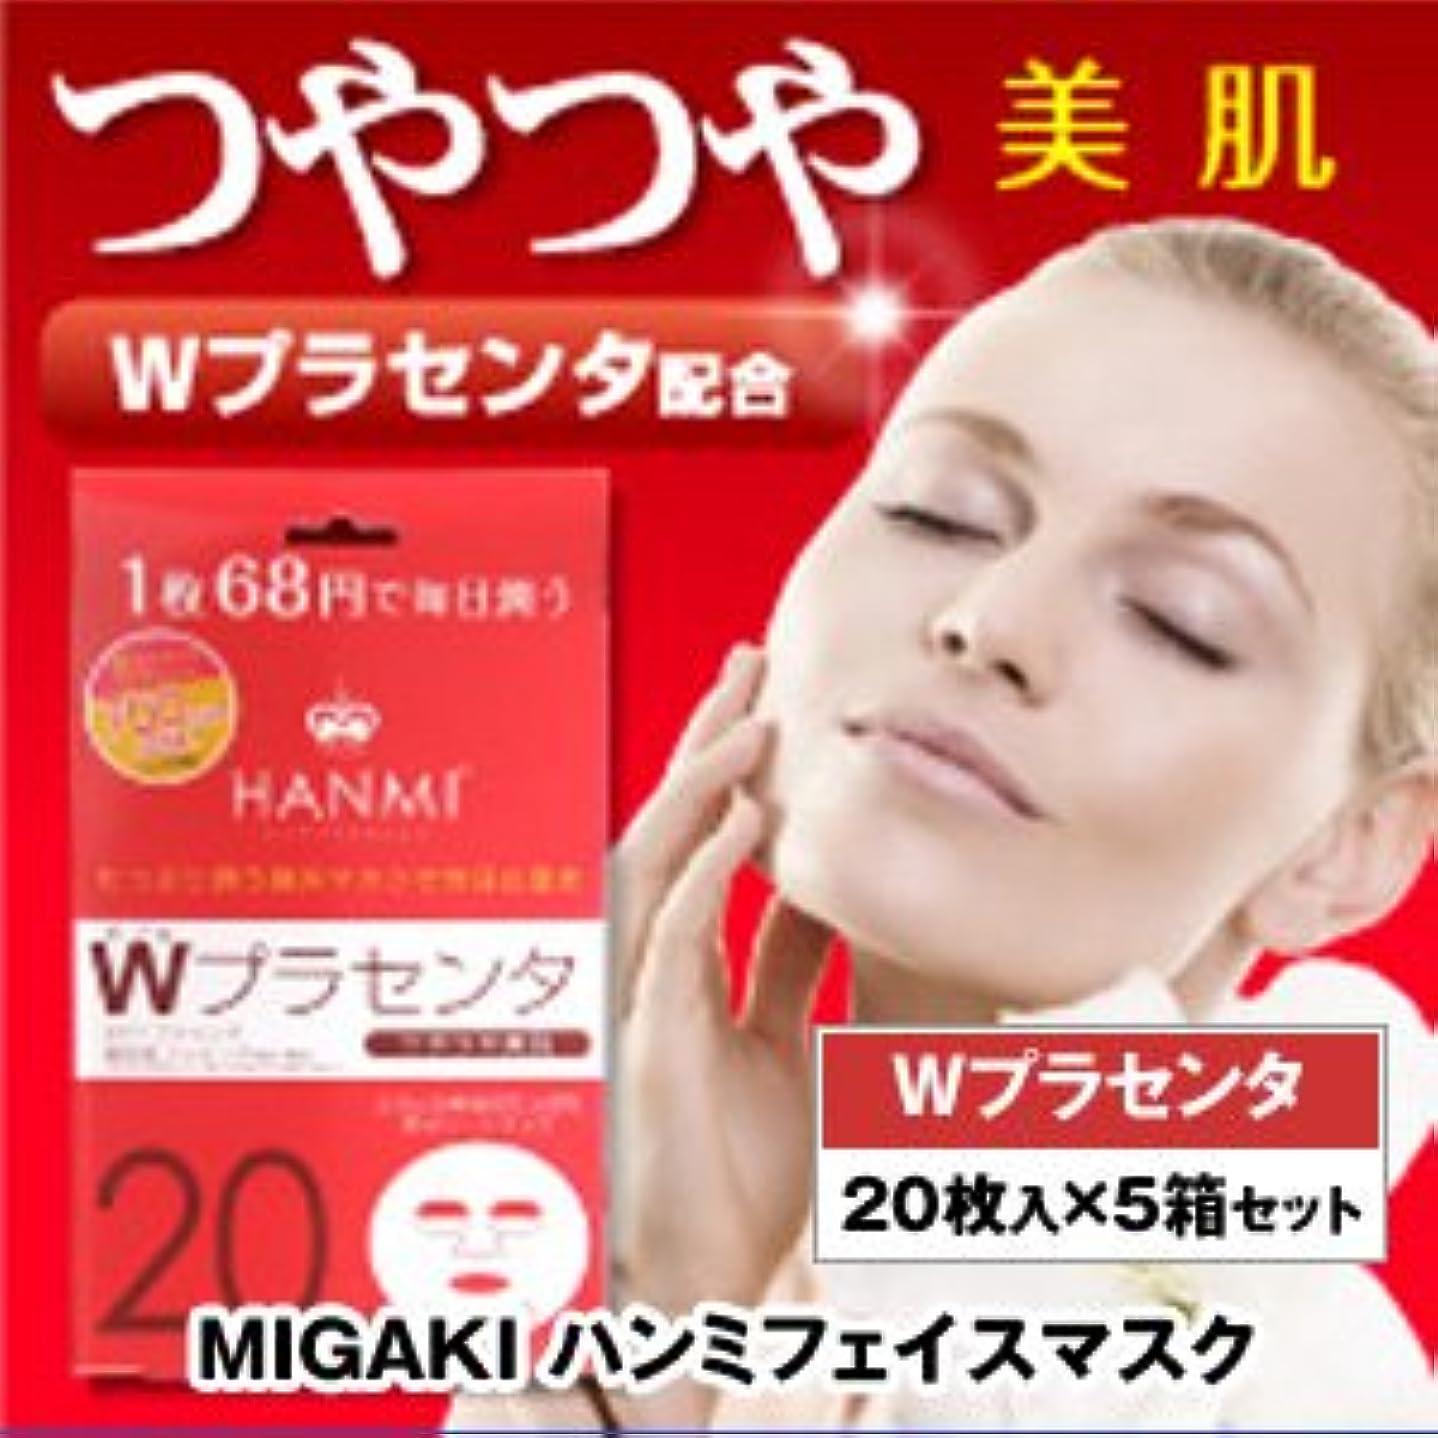 食器棚第谷MIGAKI ハンミフェイスマスク Wプラセンタ 5箱セット